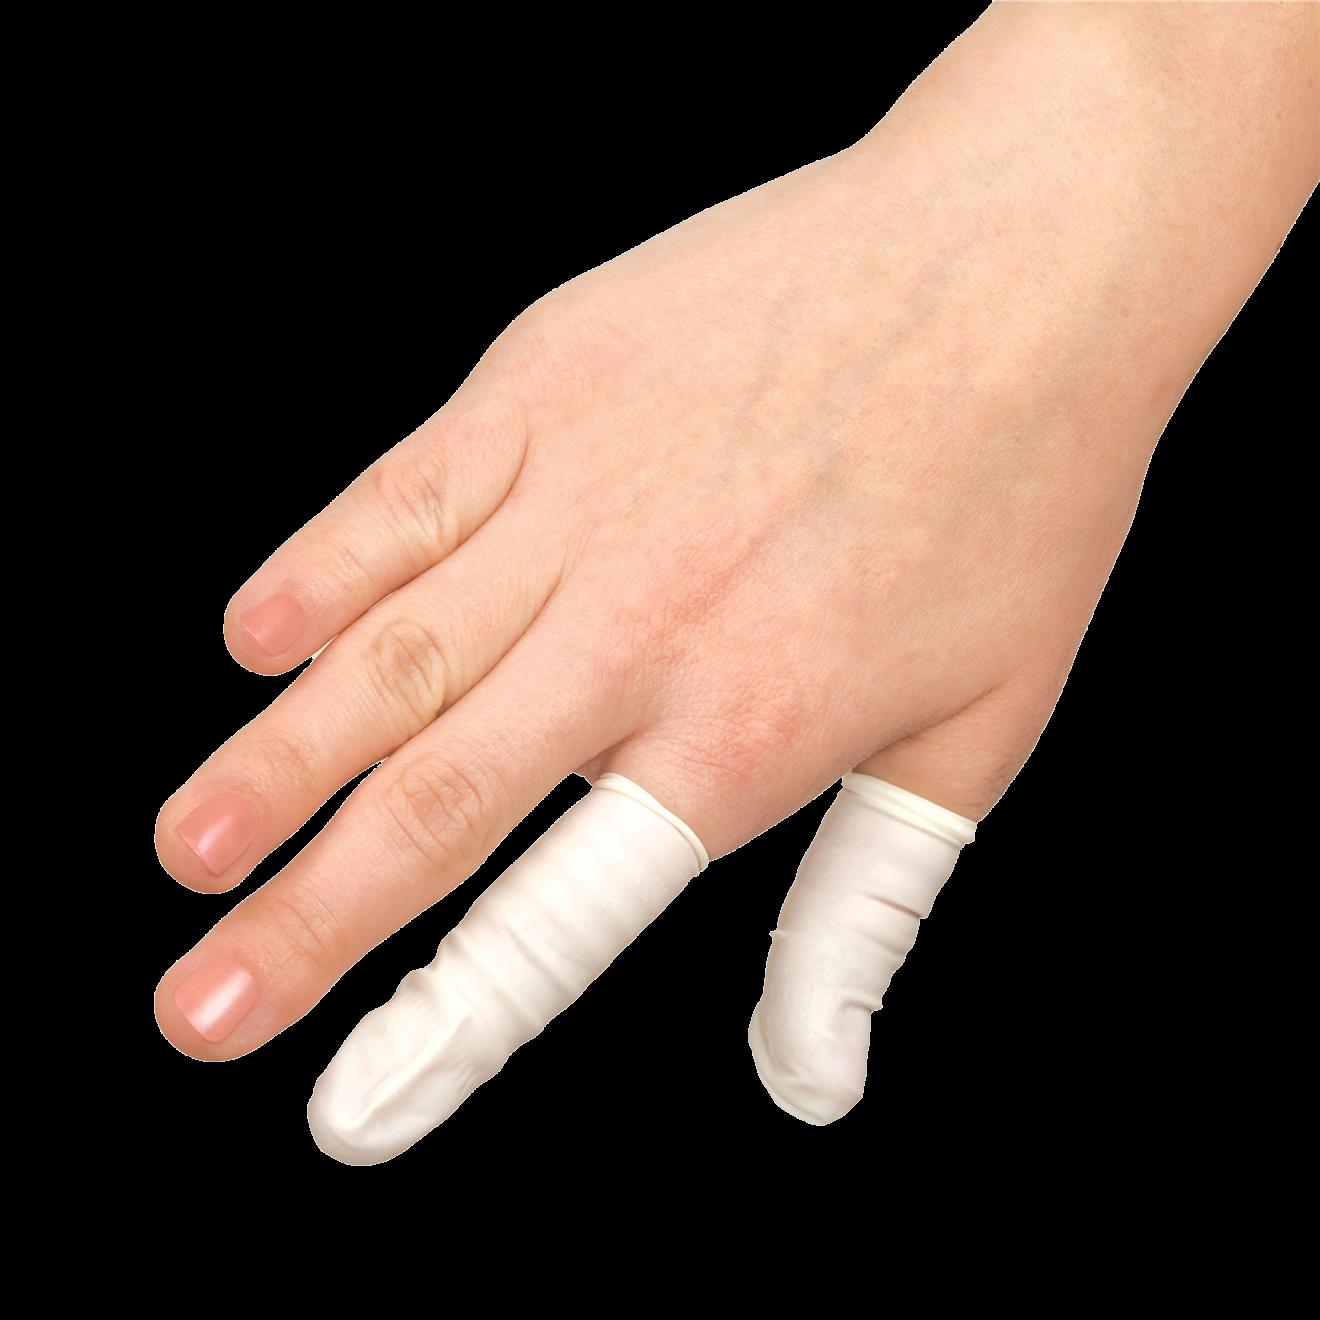 Medical Finger Glove Cots Large Pkg Massage Spa Equipment